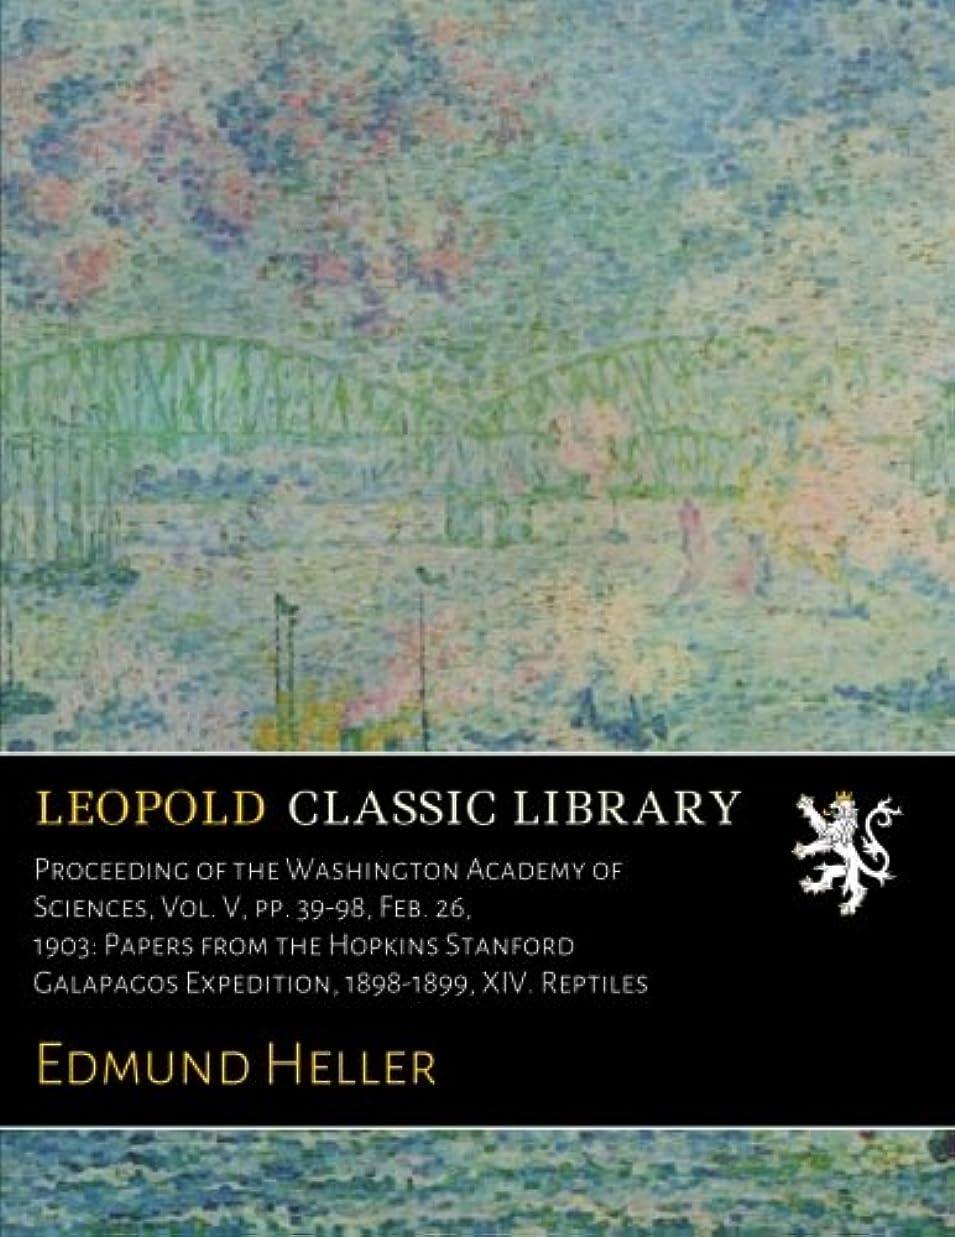 日食隠された減るProceeding of the Washington Academy of Sciences, Vol. V, pp. 39-98, Feb. 26, 1903: Papers from the Hopkins Stanford Galapagos Expedition, 1898-1899, XIV. Reptiles